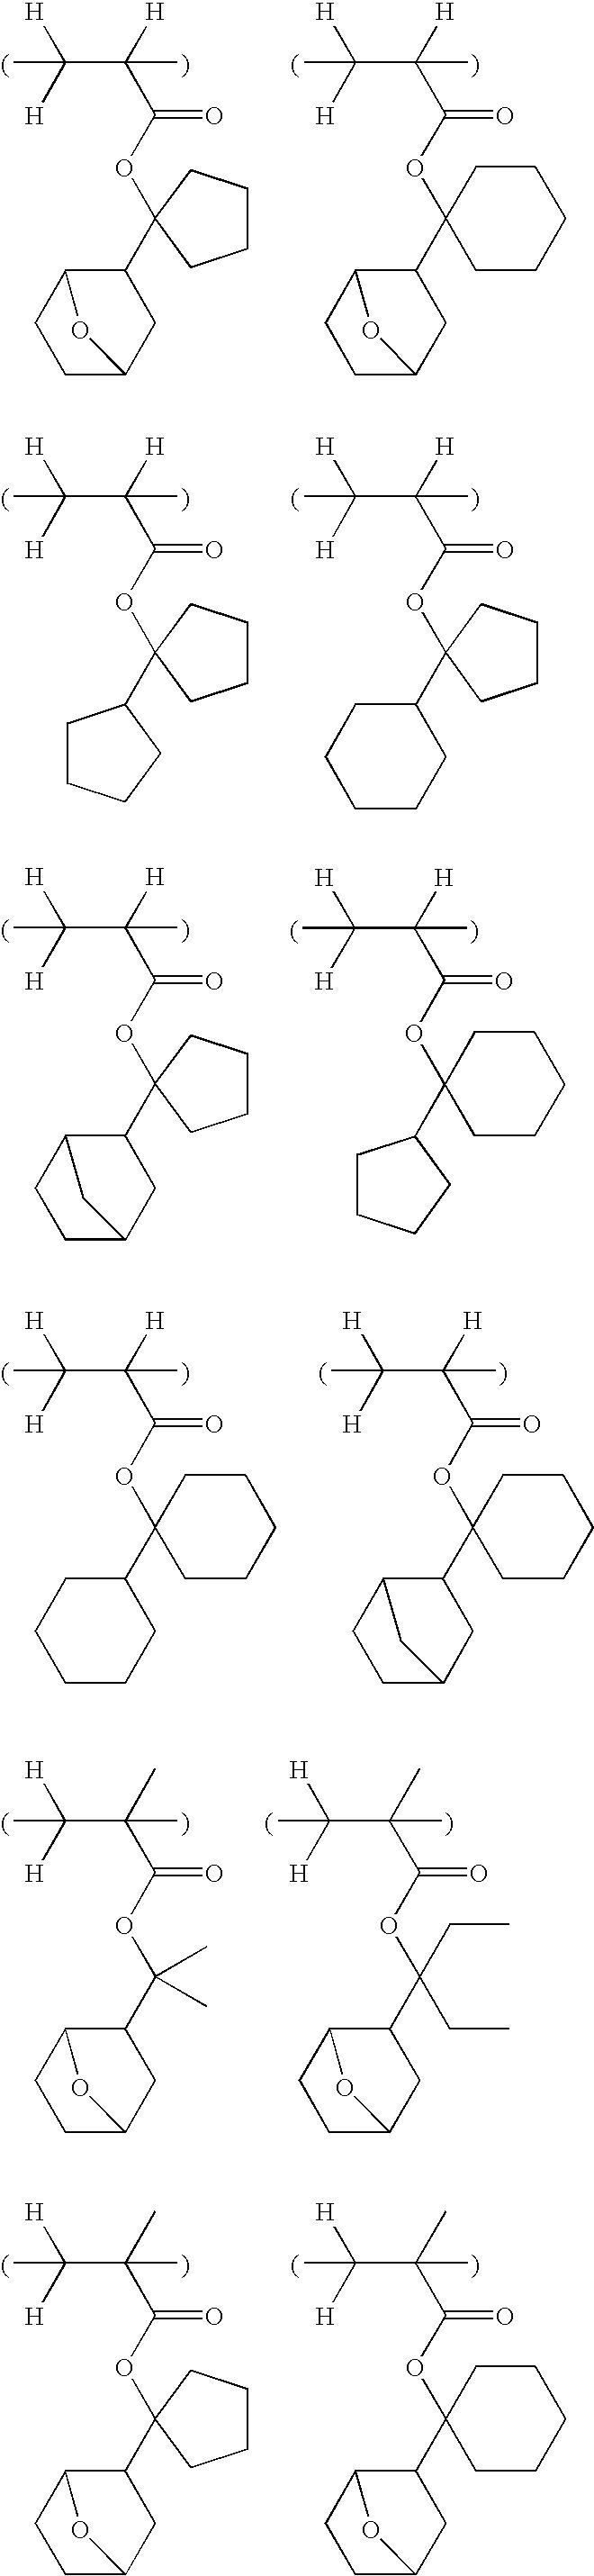 Figure US08062831-20111122-C00041